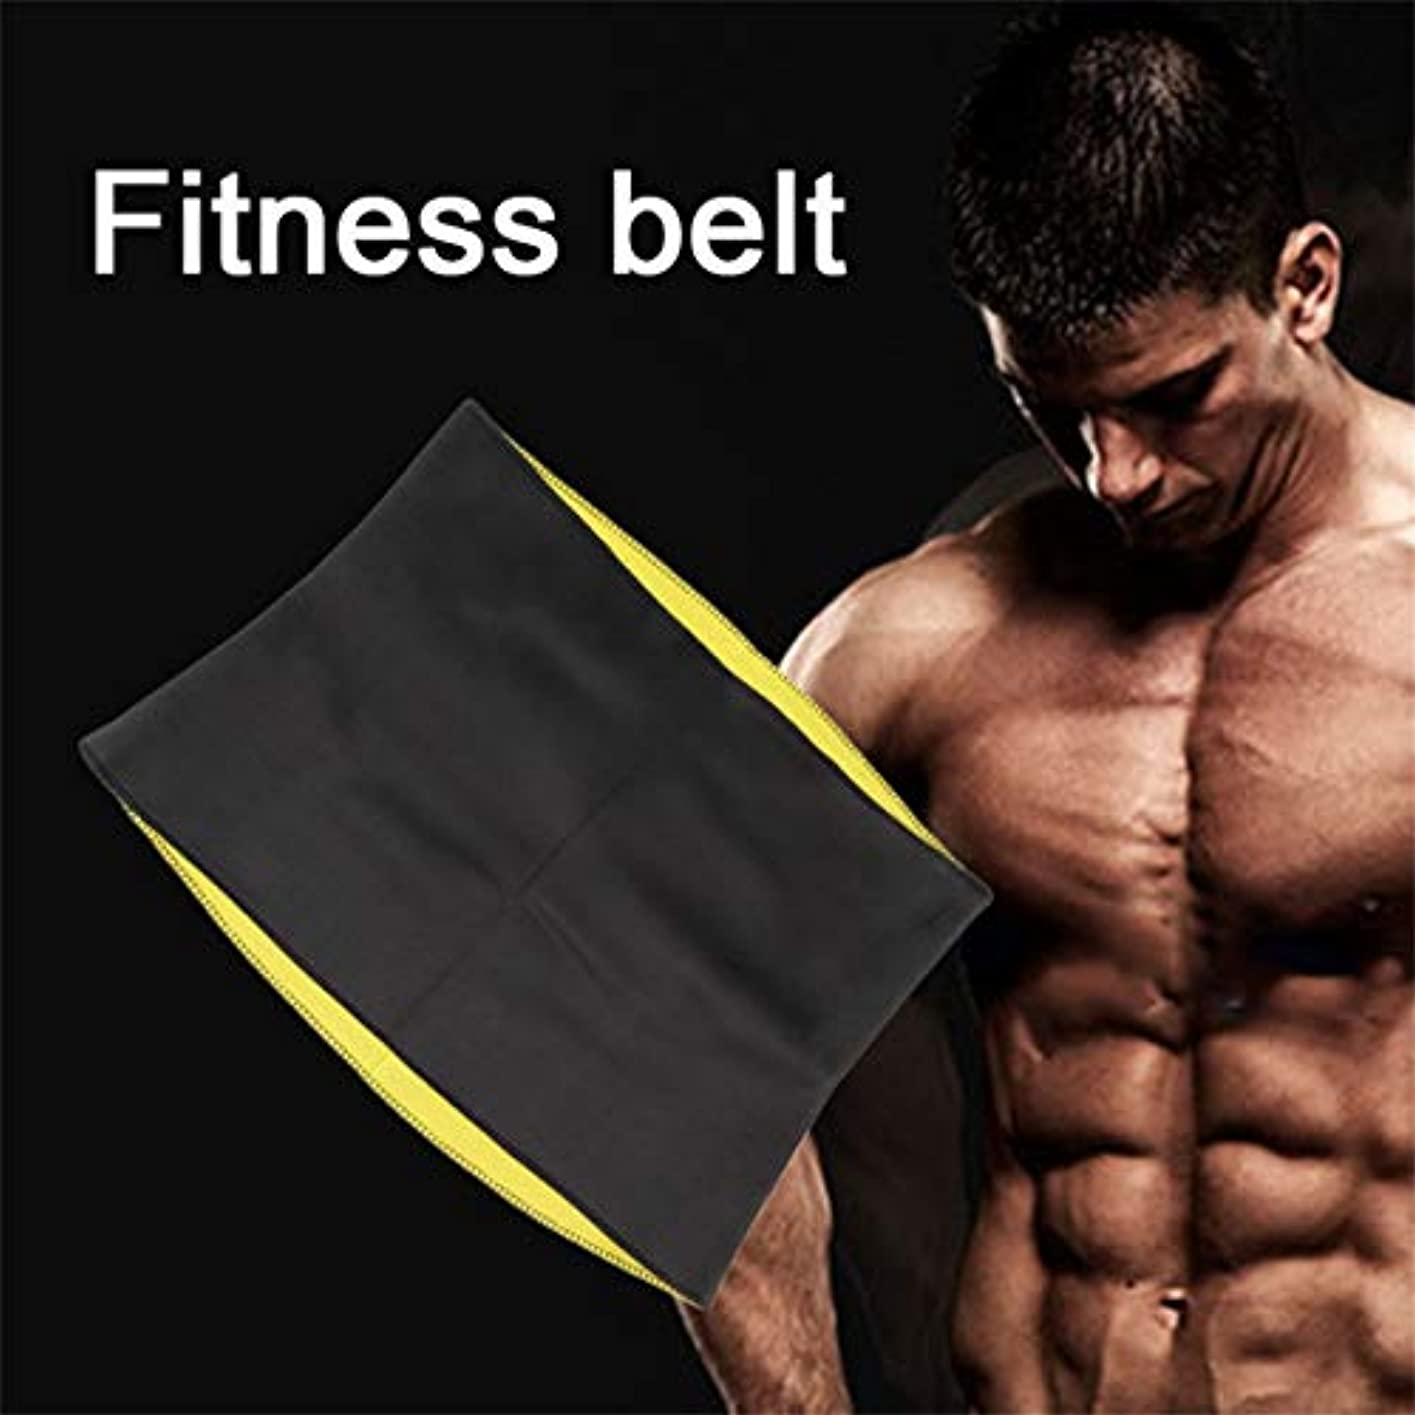 観察滝汚物Women Adult Solid Neoprene Healthy Slimming Weight Loss Waist Belts Body Shaper Slimming Trainer Trimmer Corsets